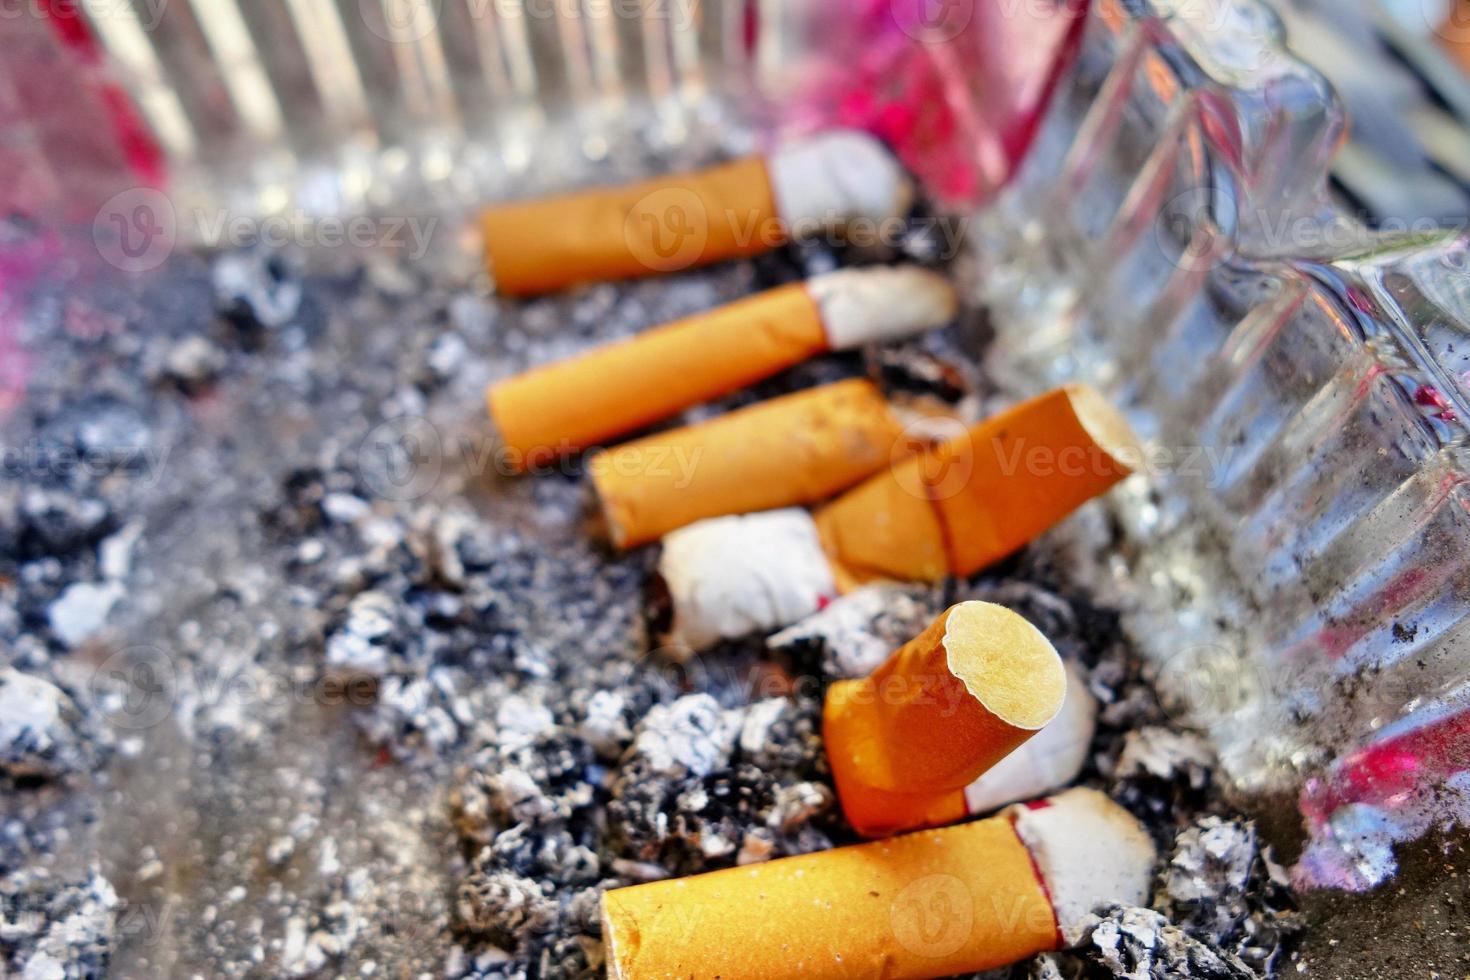 filtro de cigarrillo en cenicero foto